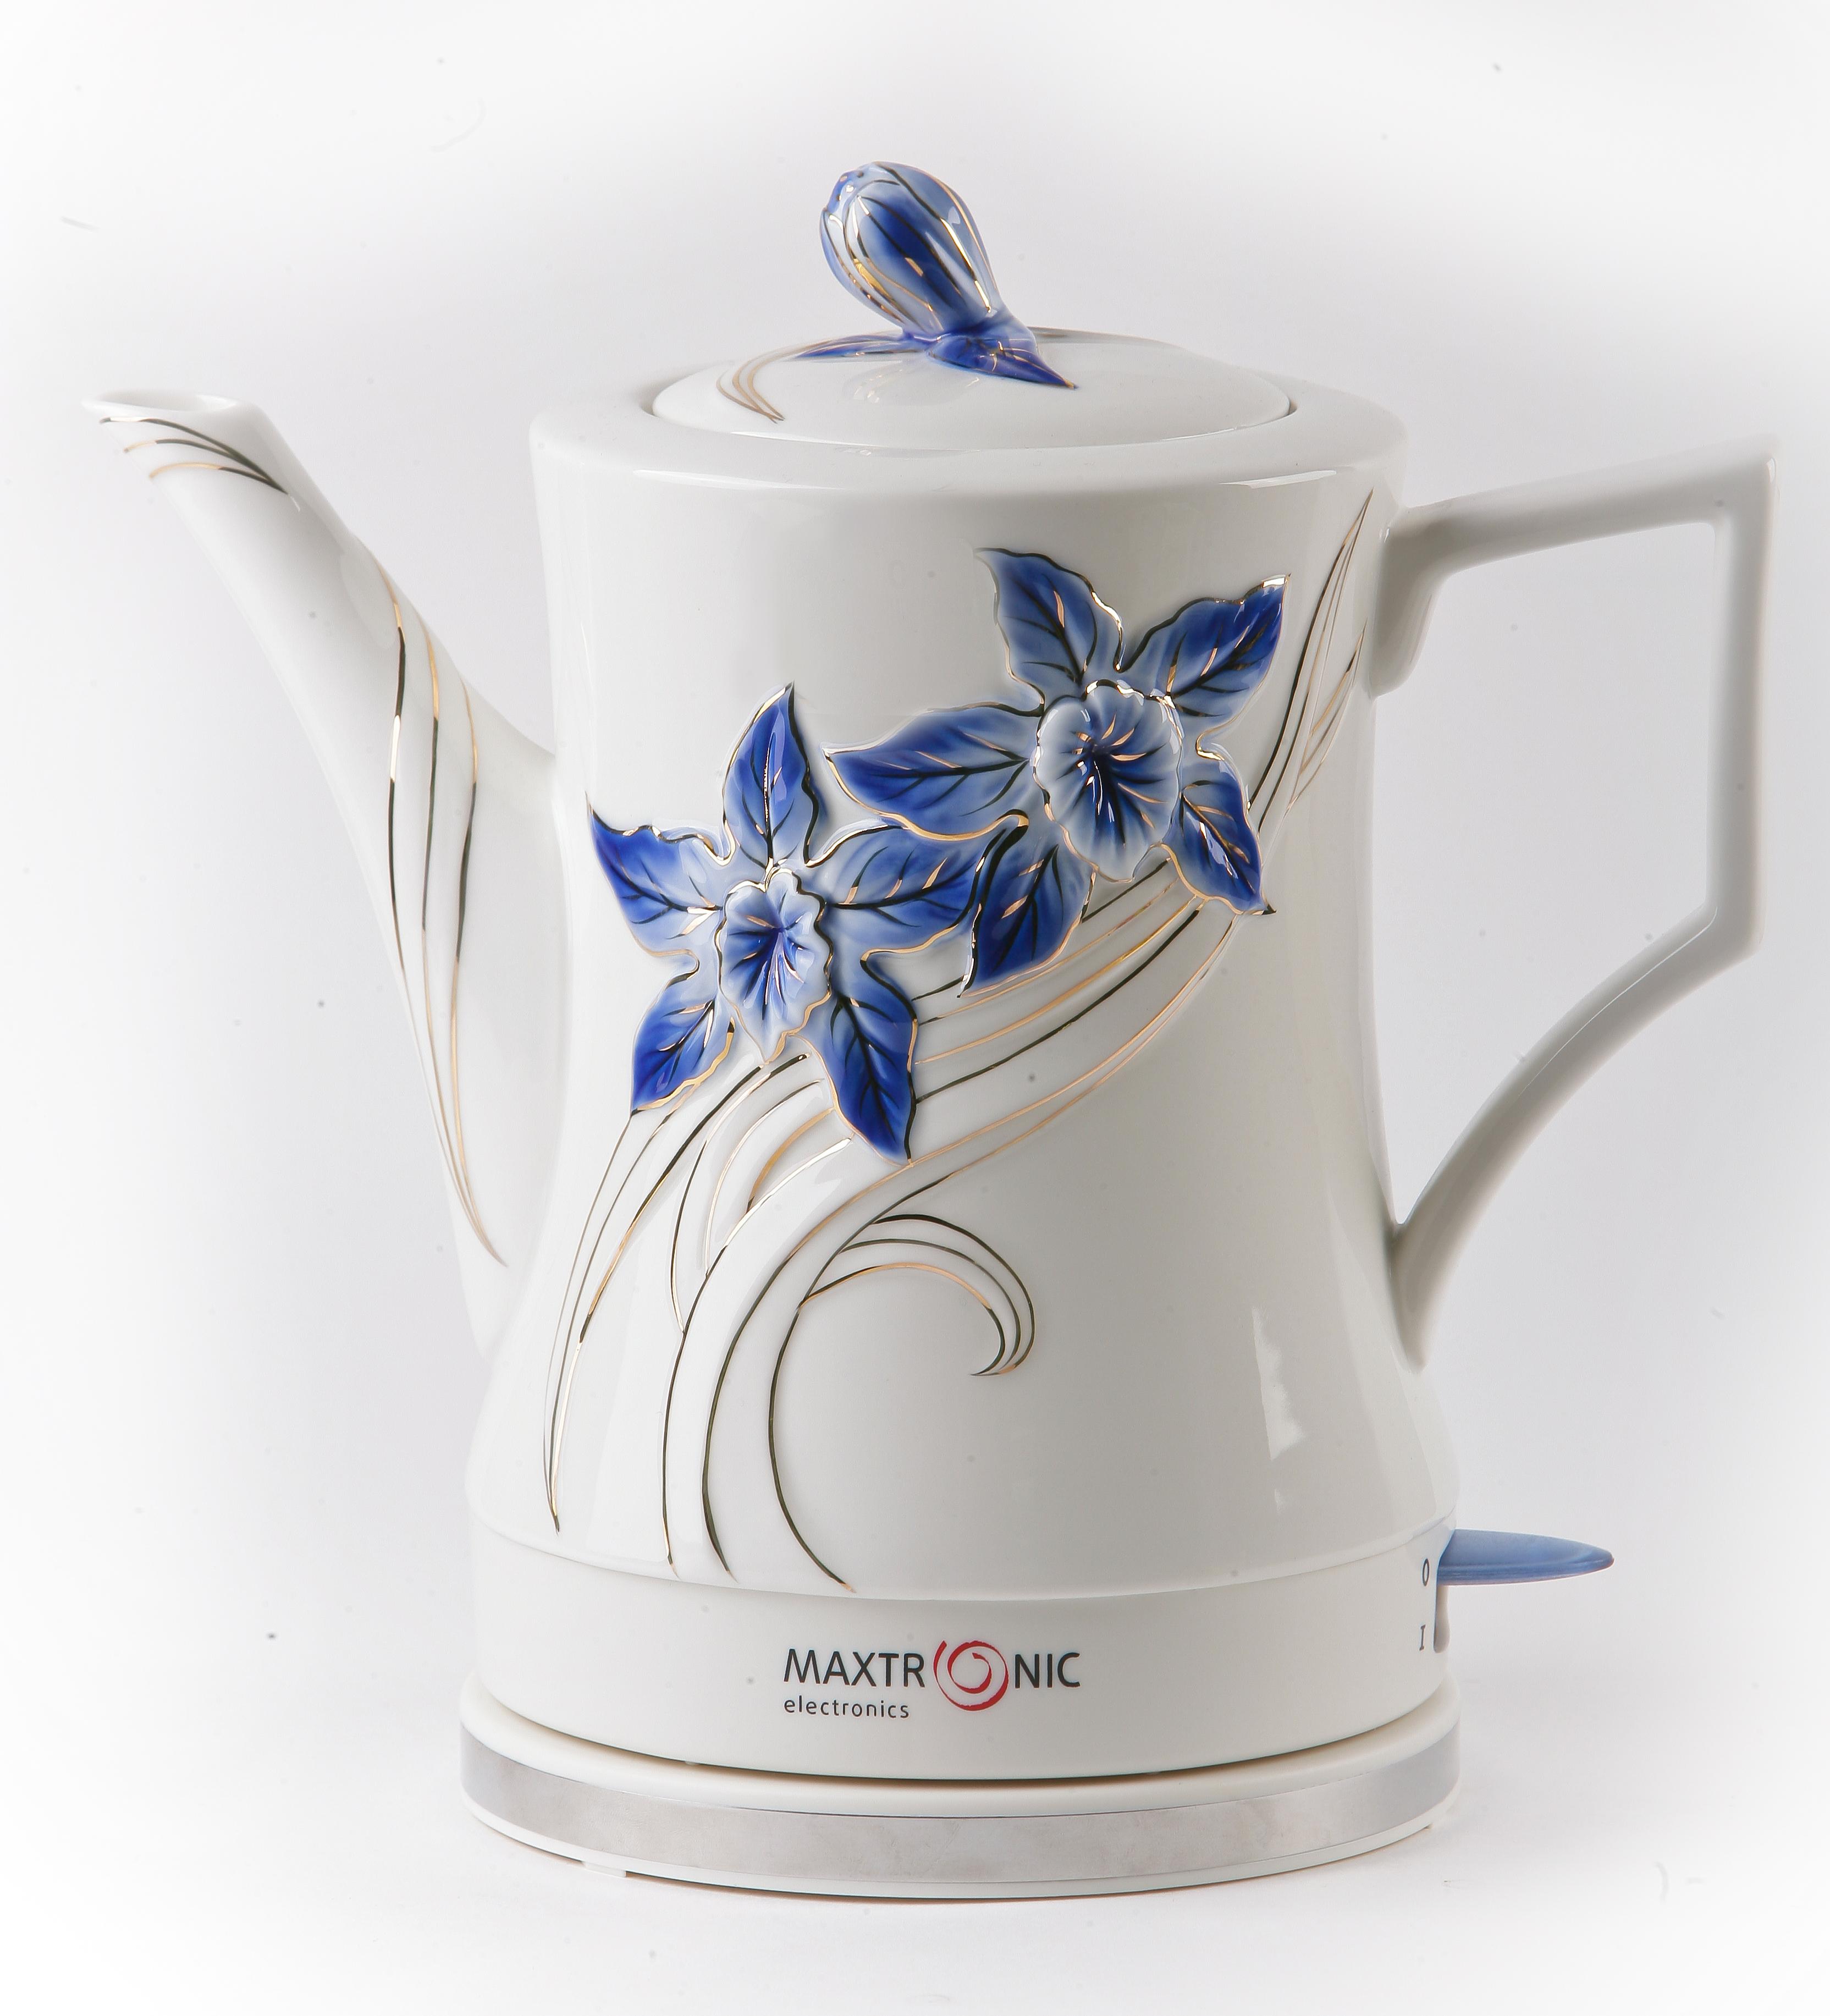 керамический чайник электрический купить